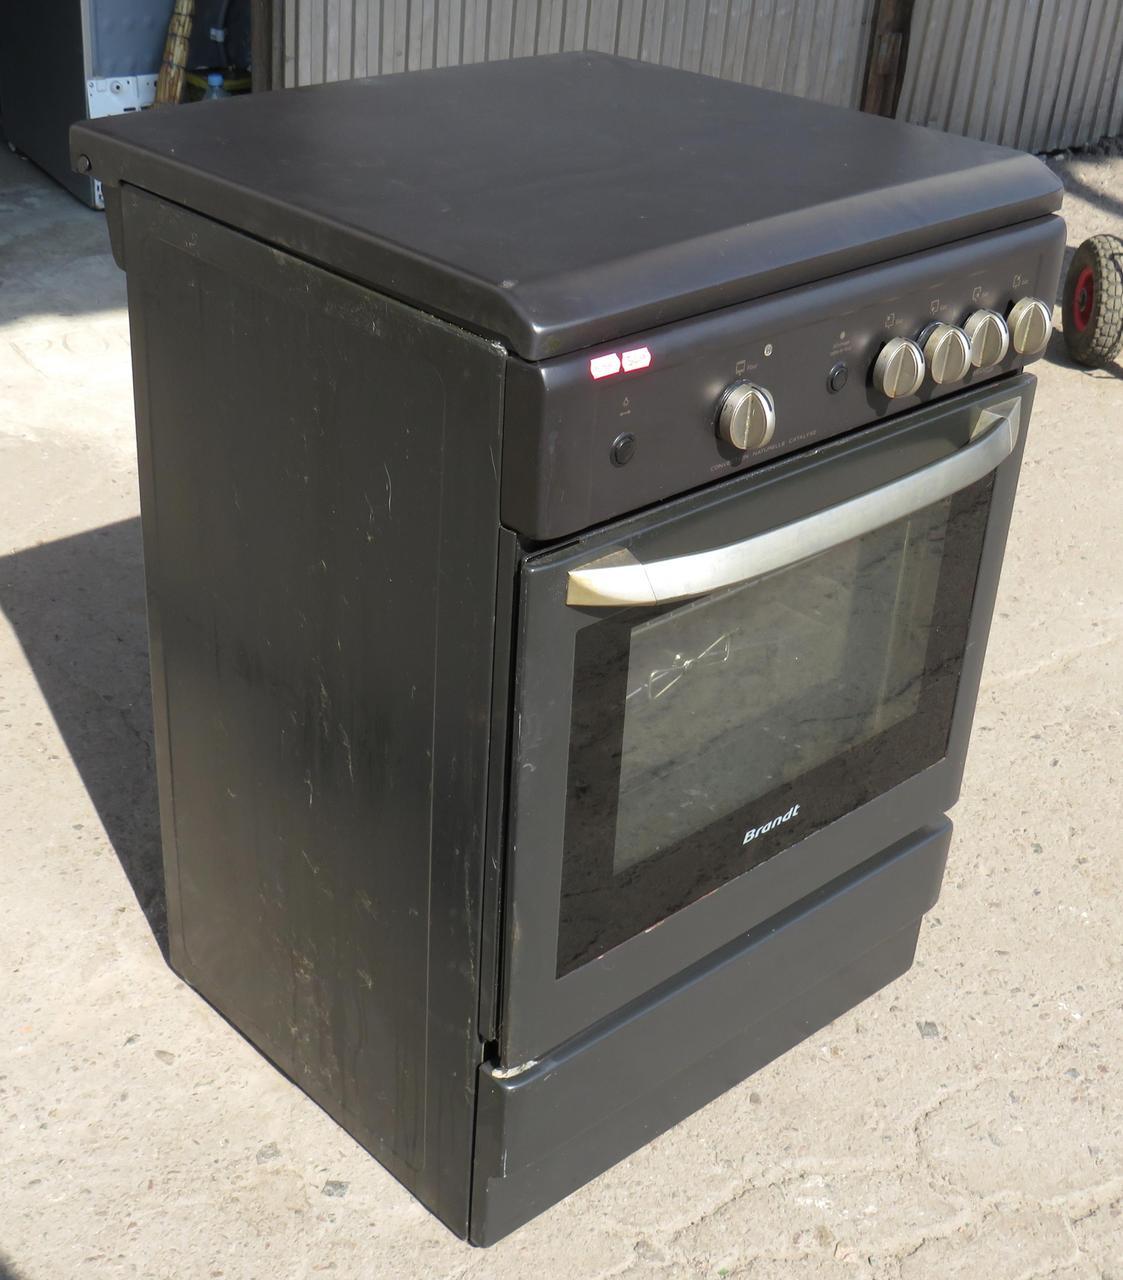 Кухонная Плита Газовая С Газовой Духовкой BRANDT (Код:1941) Состояние: Б/У